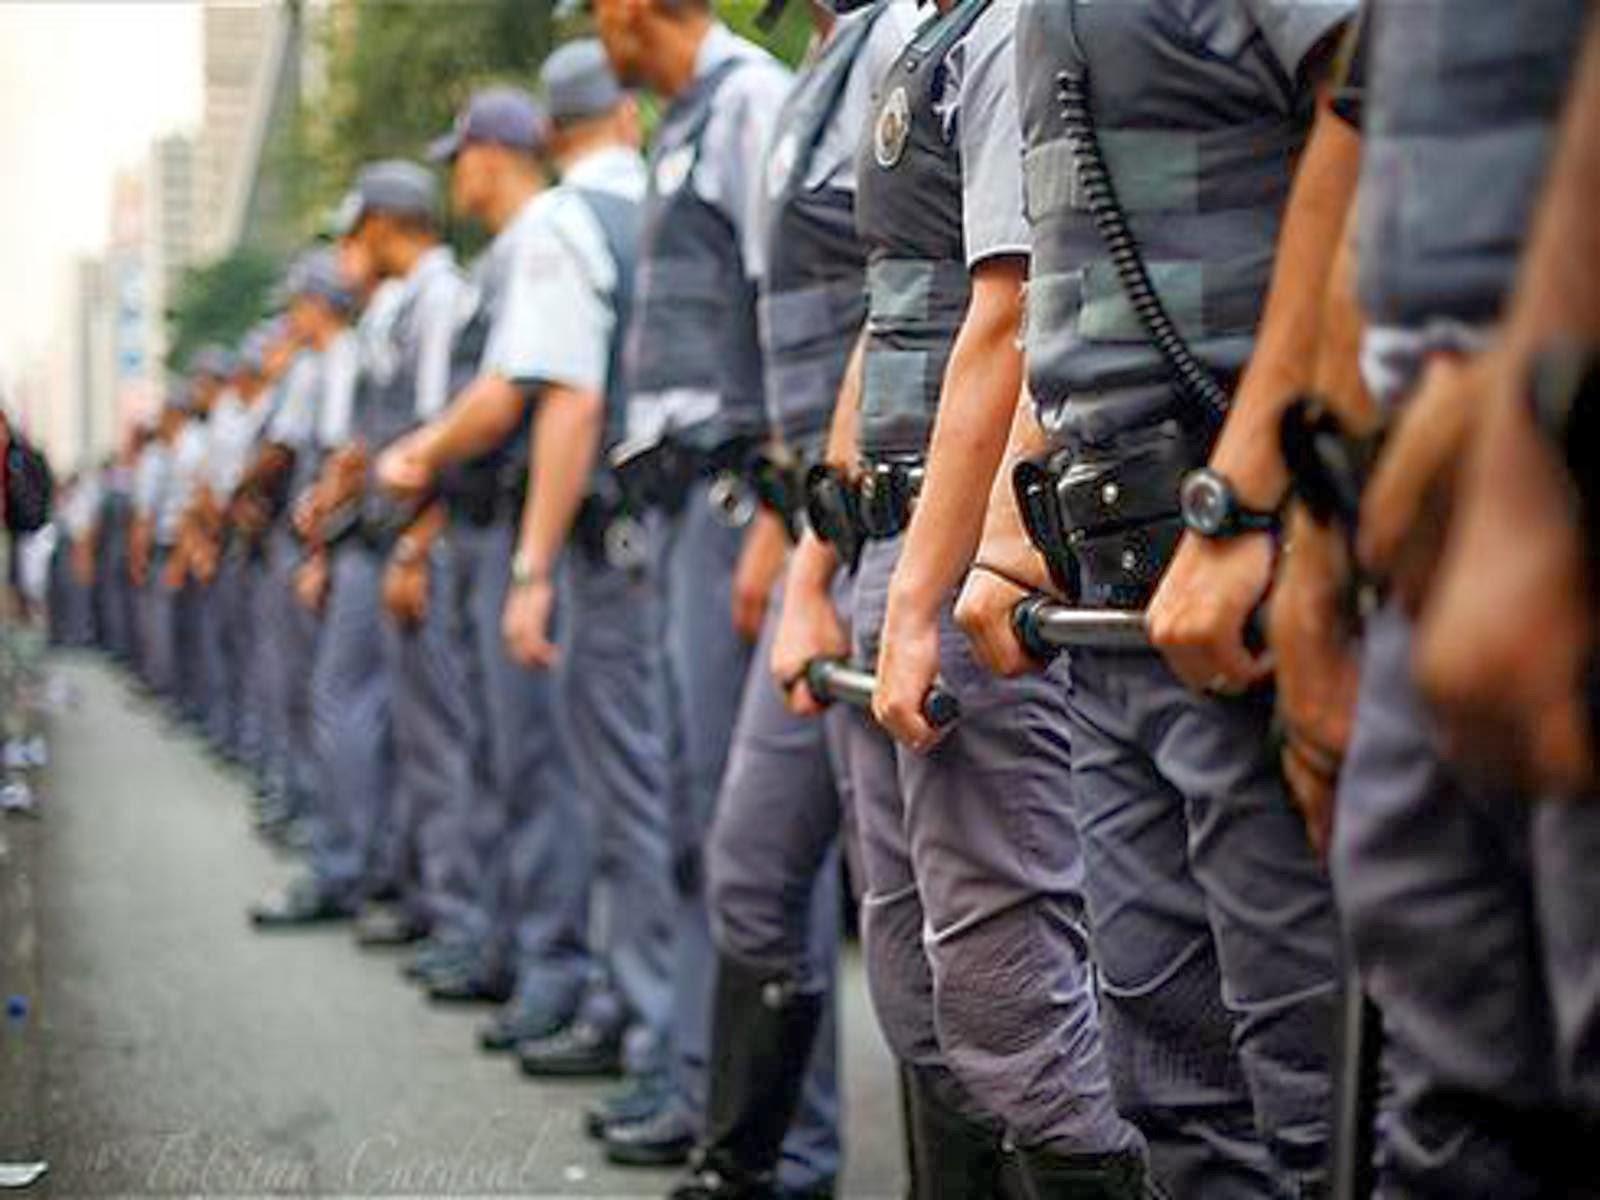 segurança pública 1 - Segurança da Paraíba lança 2ª edição de revista eletrônica